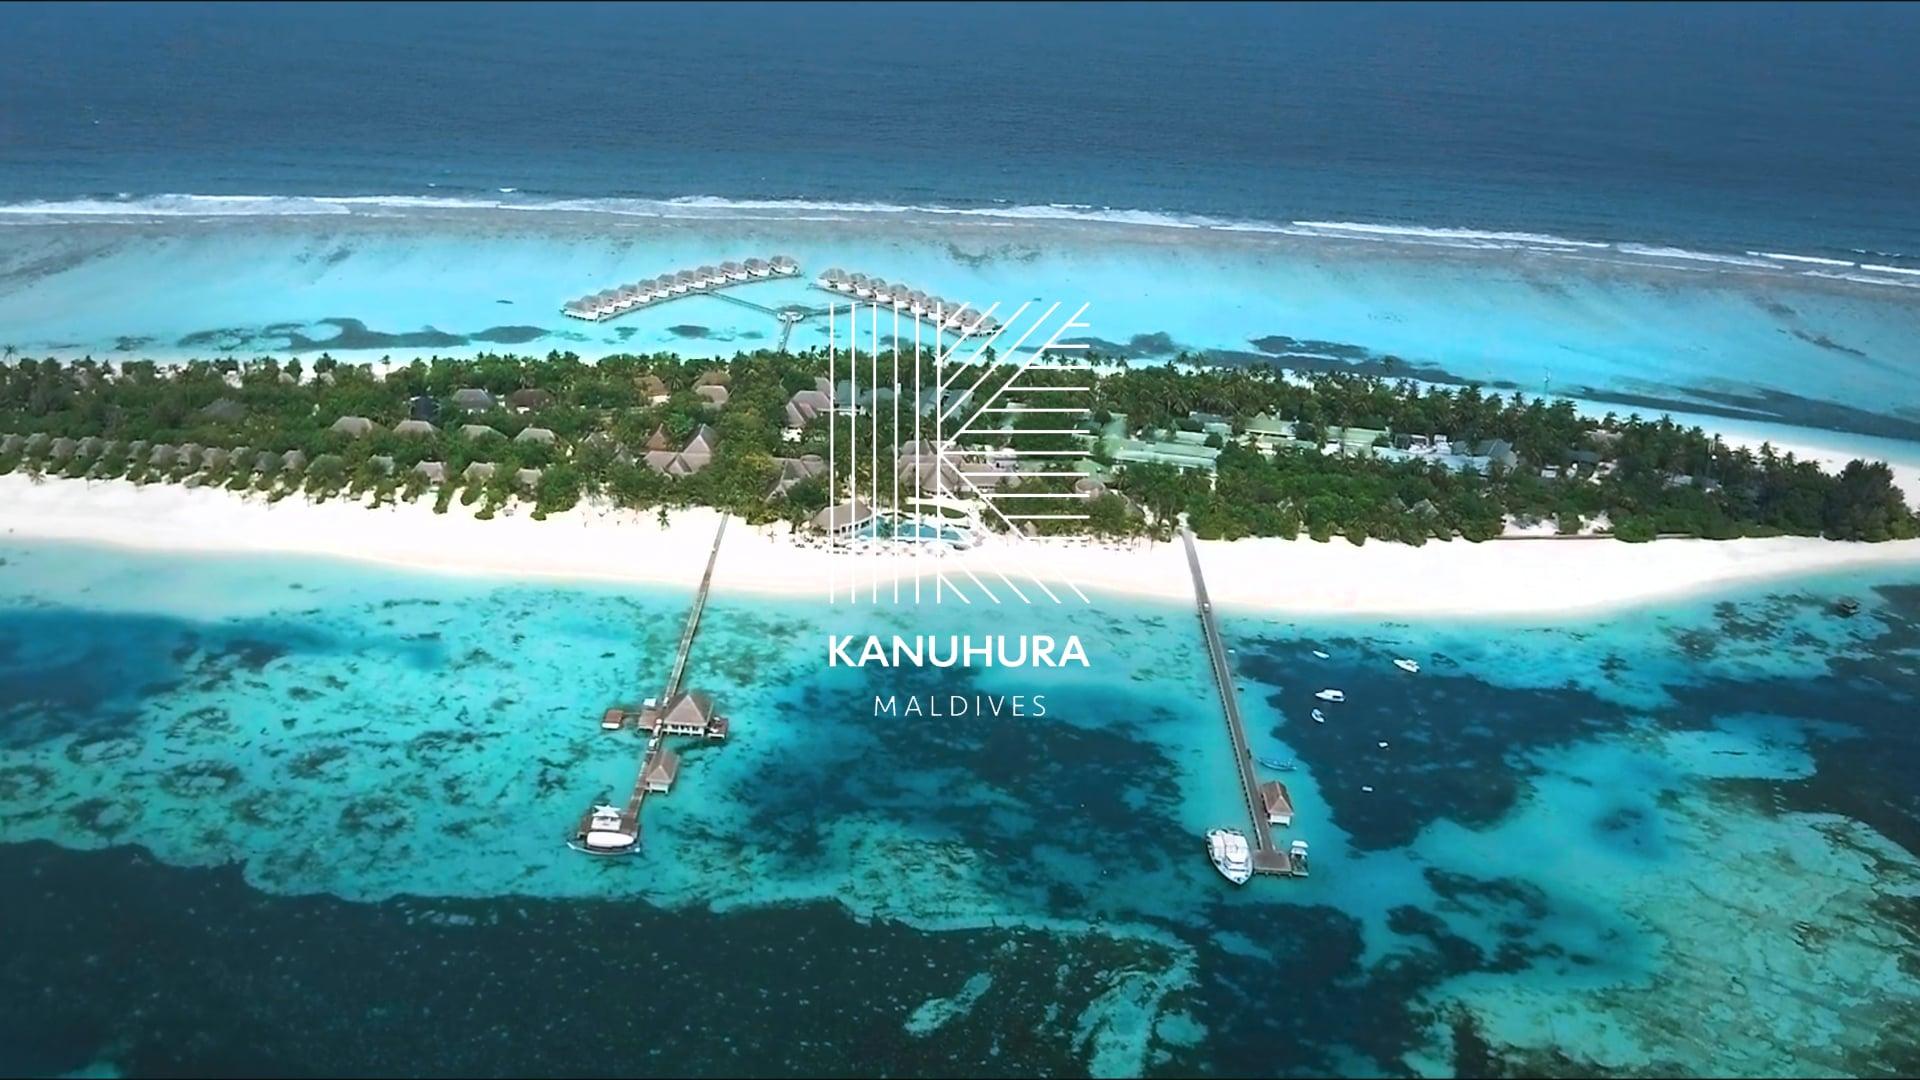 Kanuhura Maldives - The Real Holiday